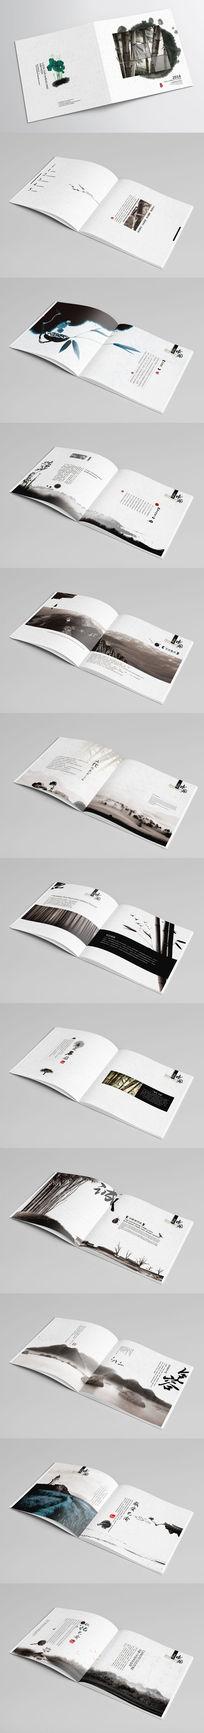 公司大气中国风古典水墨画册版式设计